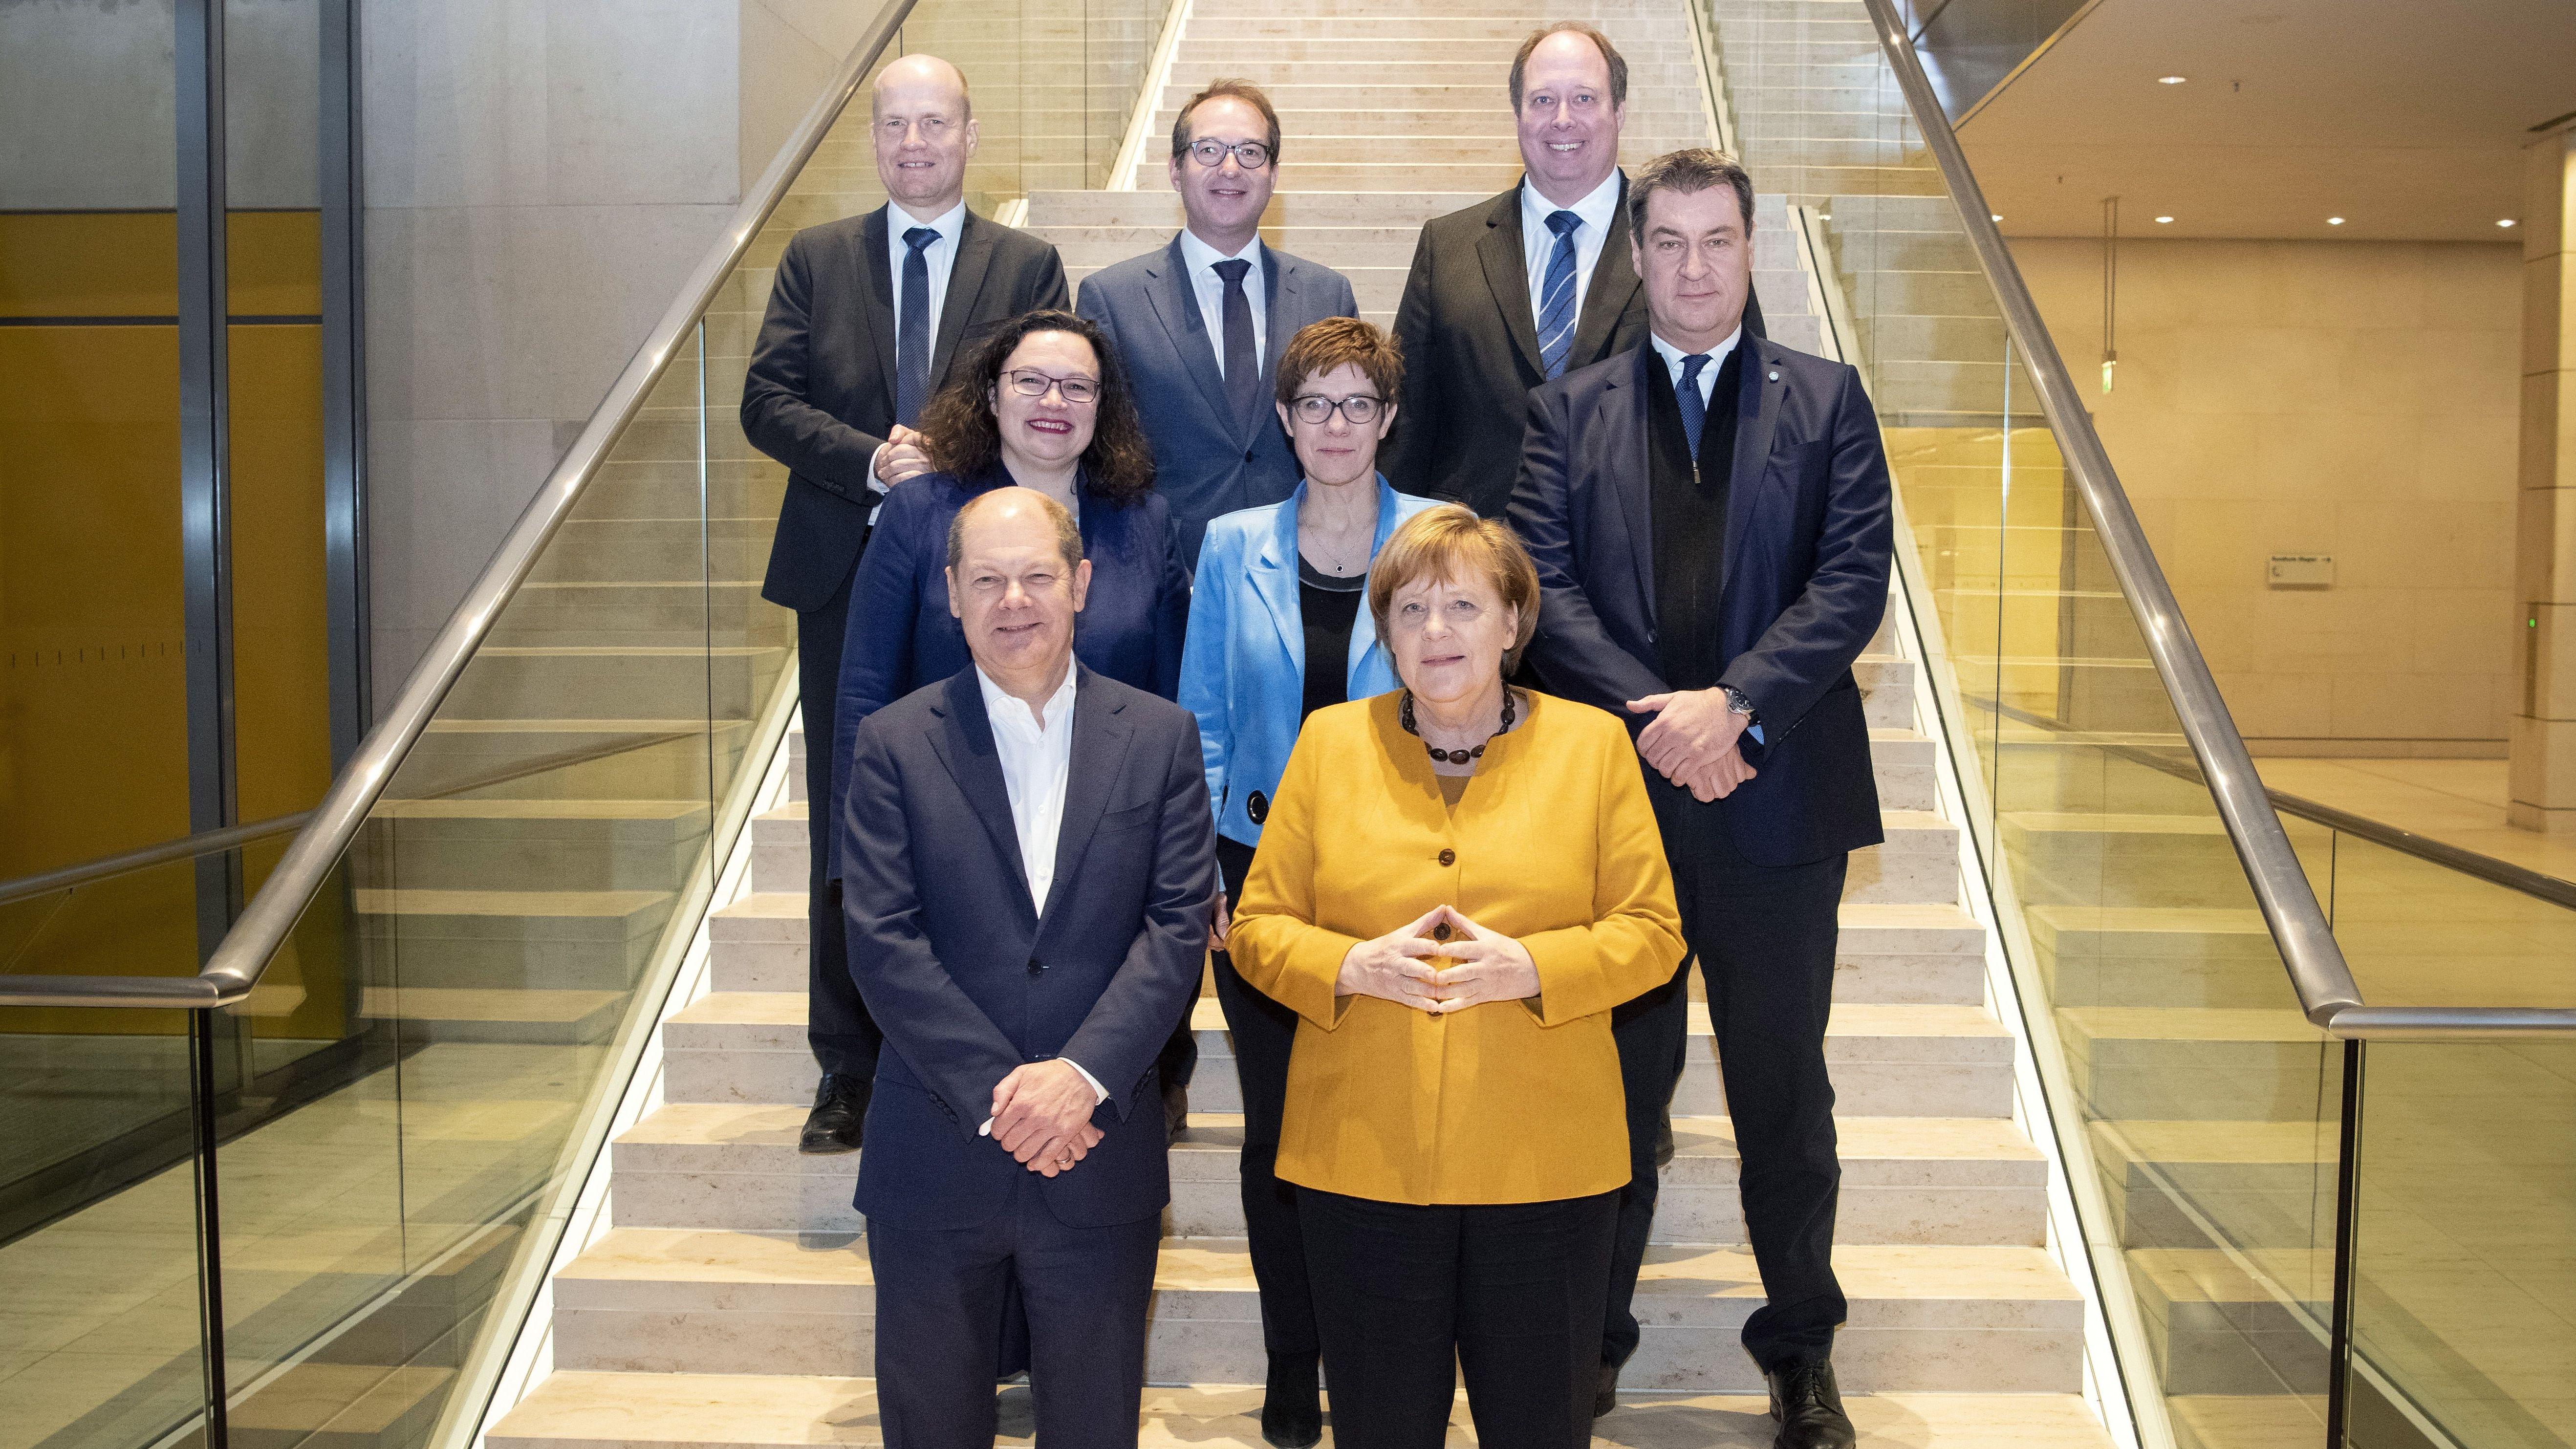 Der Koalitionsausschuss von Union und SPD am 14. März 2019 - in der mittleren Reihe die Chefs von SPD (Nahles), CDU (Kramp-Karrenbauer) und CSU (Söder)